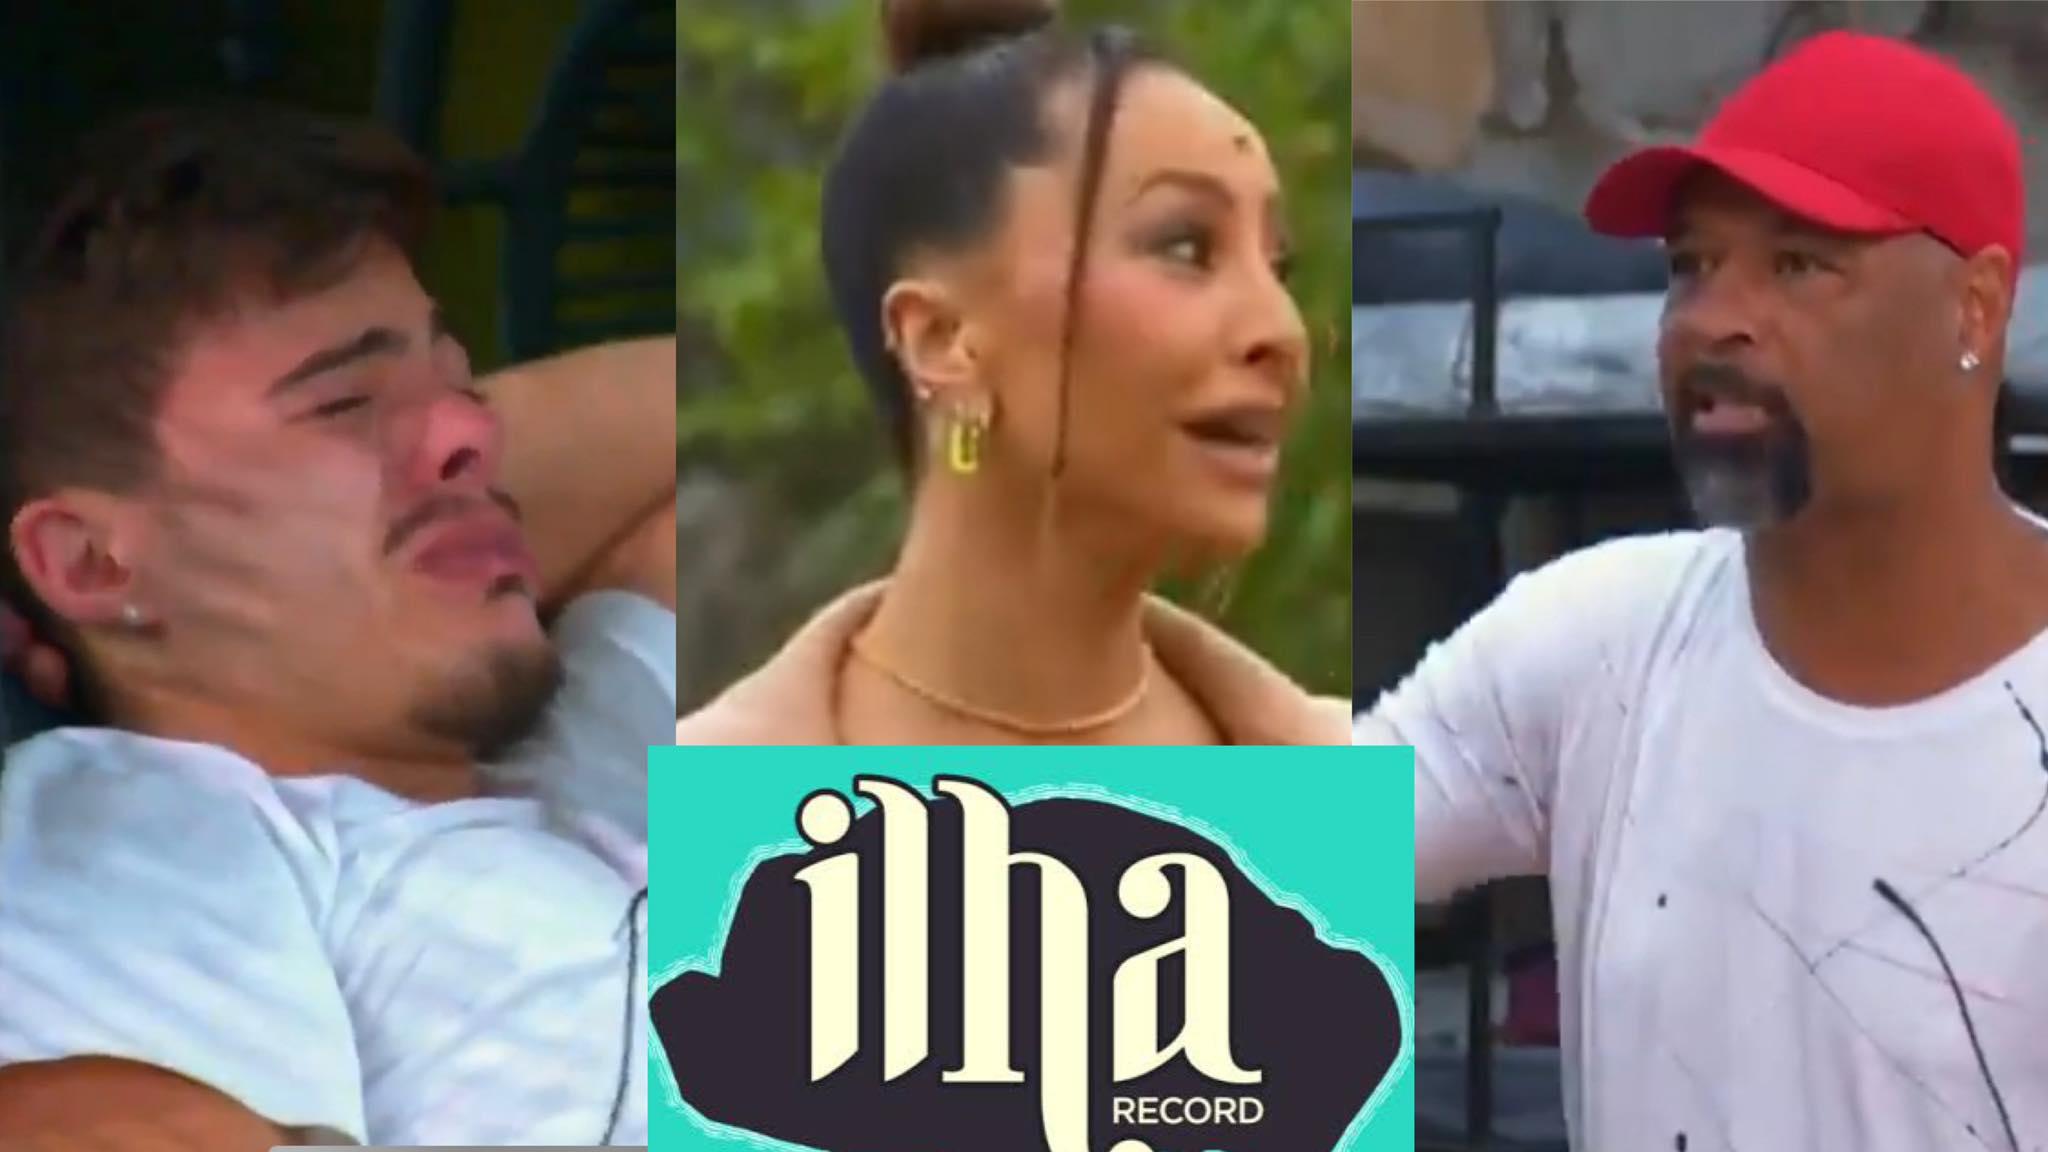 Thomaz Costa chora após perceber vingança de Dinei no Ilha Record. Fonte: Montagem/ Fashion Bubbles